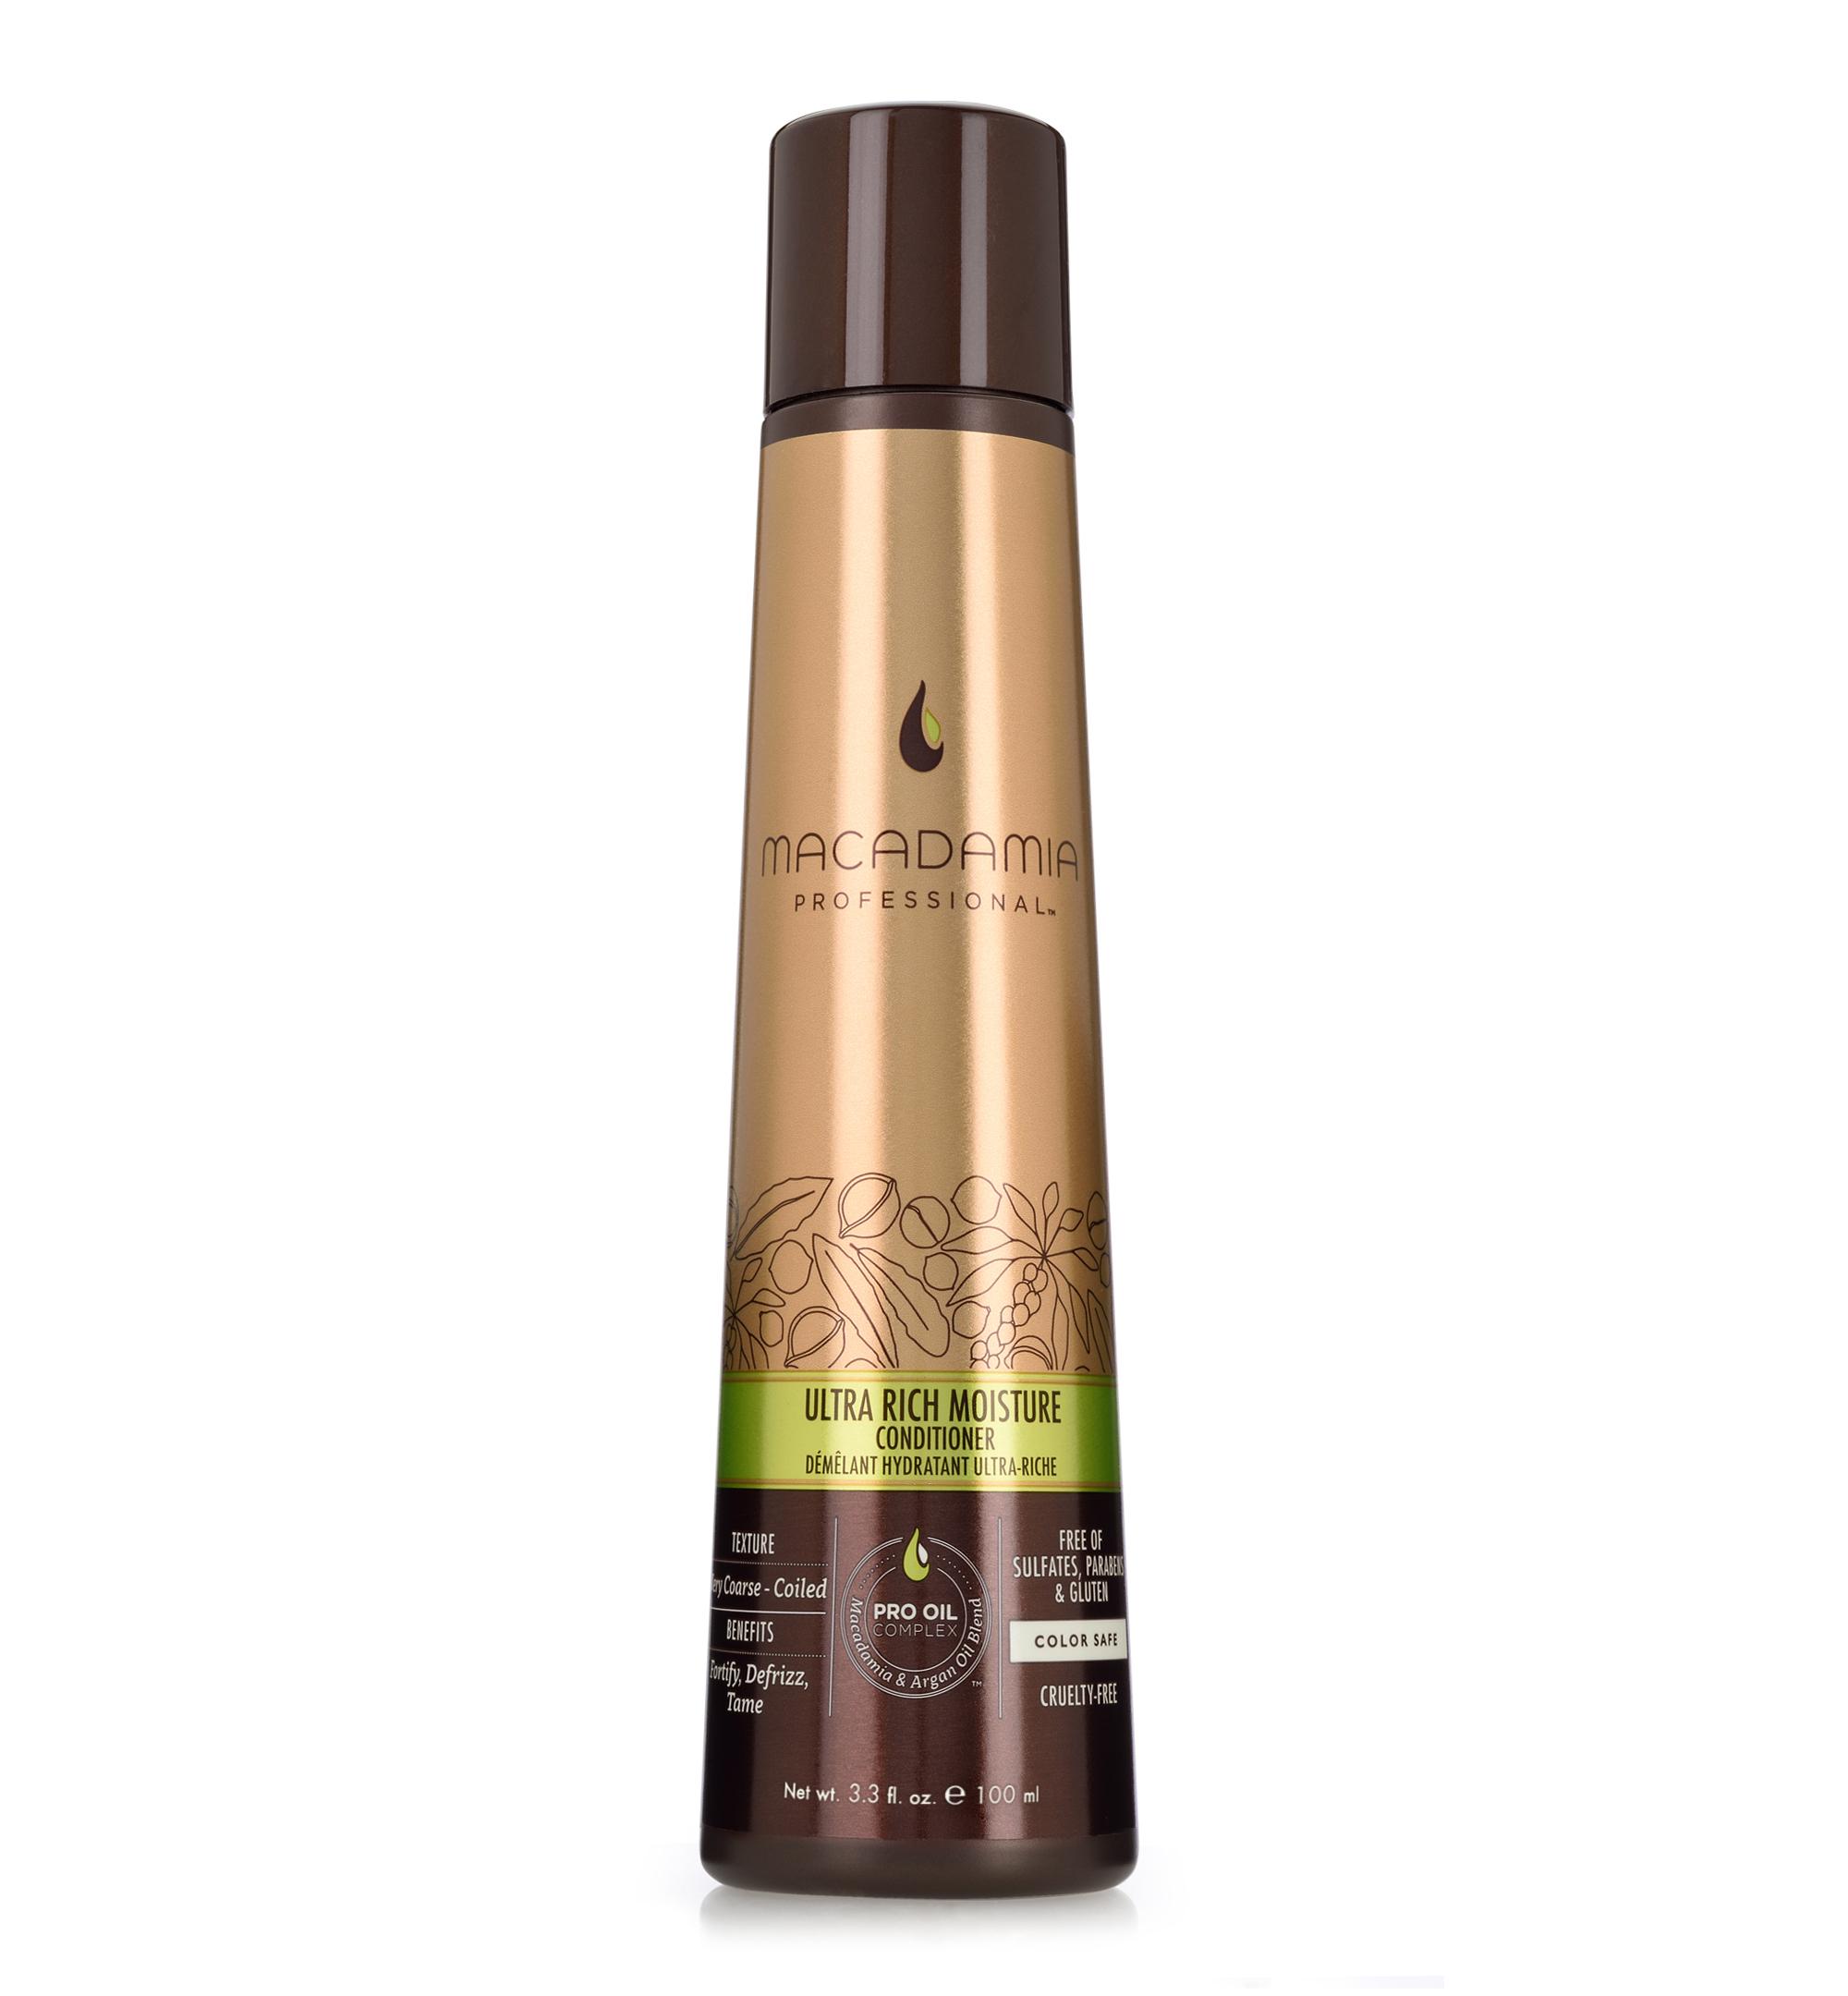 Macadamia Professional Кондиционер увлажняющий для жестких волос, 100 млA9028528Сочетание эксклюзивного комплекса Pro Oil Complex, масел авокадо и монгонго в увлажняющем кондиционере Macadamia Professional обеспечивает интенсивное восстановление и увлажнение волос, устраняет эффект пушистости и подчеркивает естественную форму локонов и текстуру волос. Сочетание аминокислот шелка, витаминов A, C и E укрепляет волосы и придает эластичность. Обеспечивает защиту от действия УФ-лучей и неблагоприятных факторов окружающей среды.